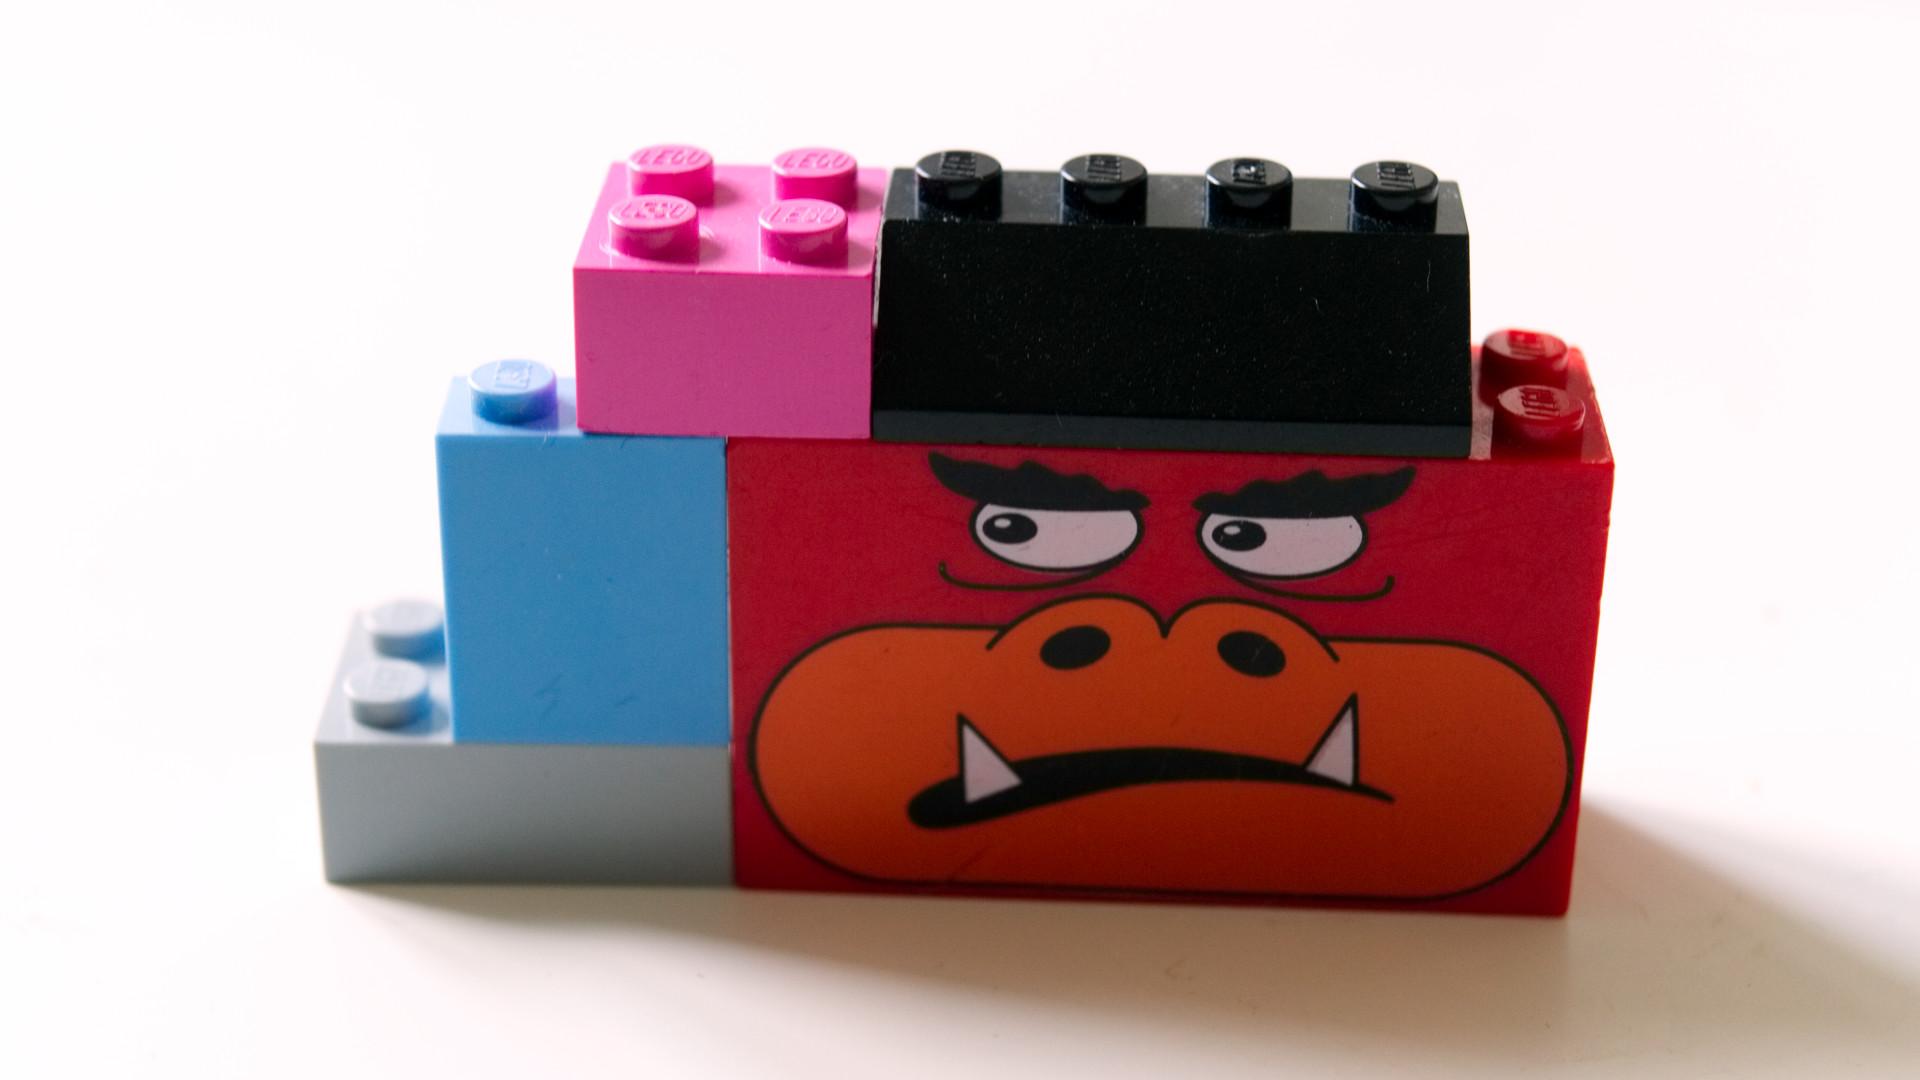 Lego-klodser